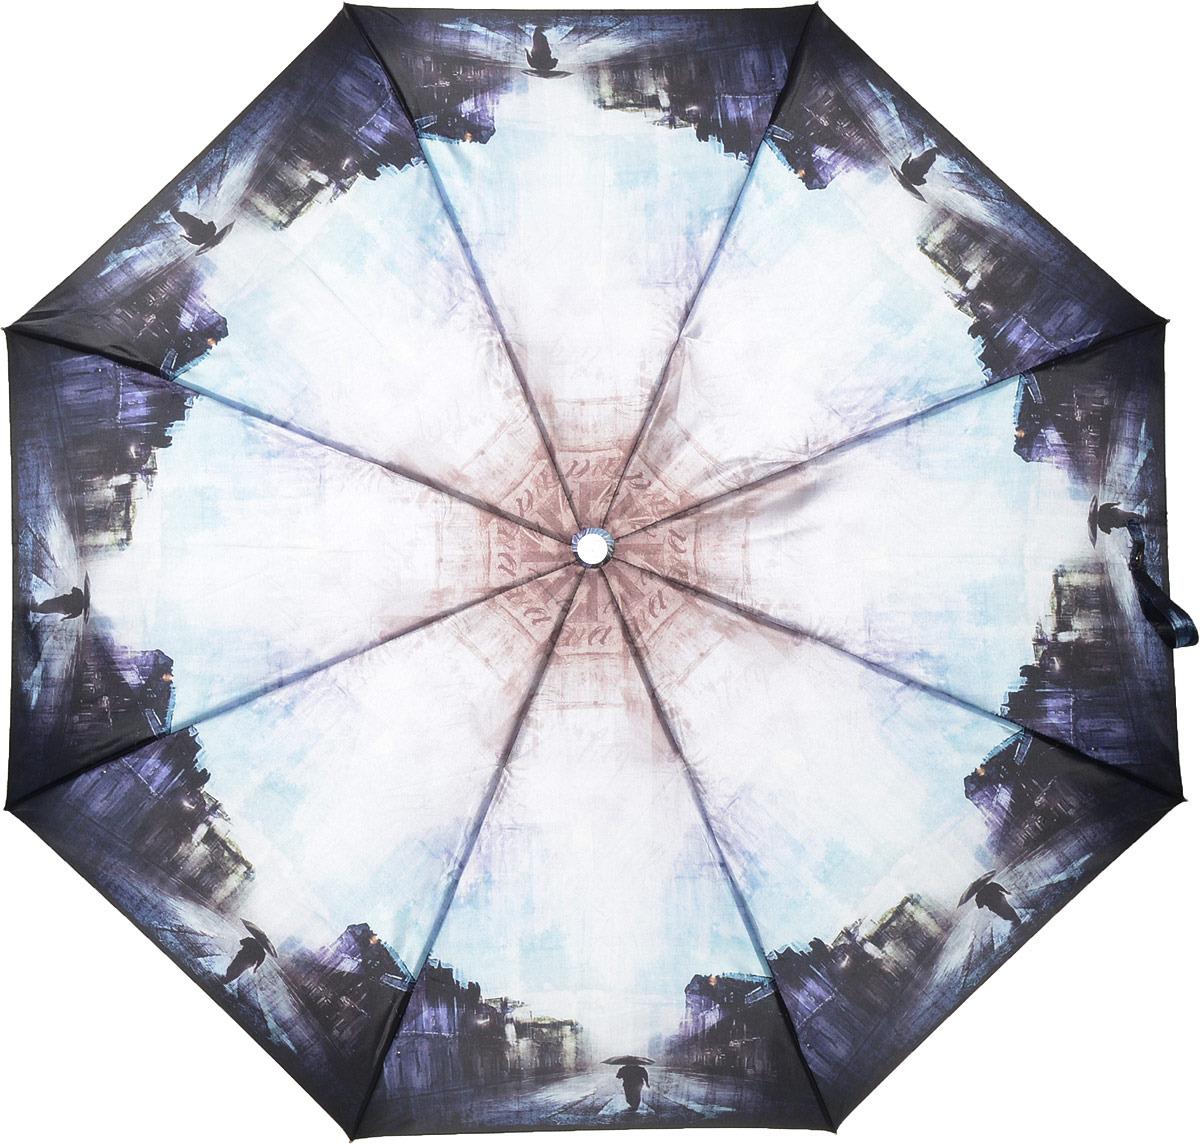 Зонт женский Fabretti, суперавтомат, 3 сложения, цвет: разноцветный. L-18117-10 недорго, оригинальная цена